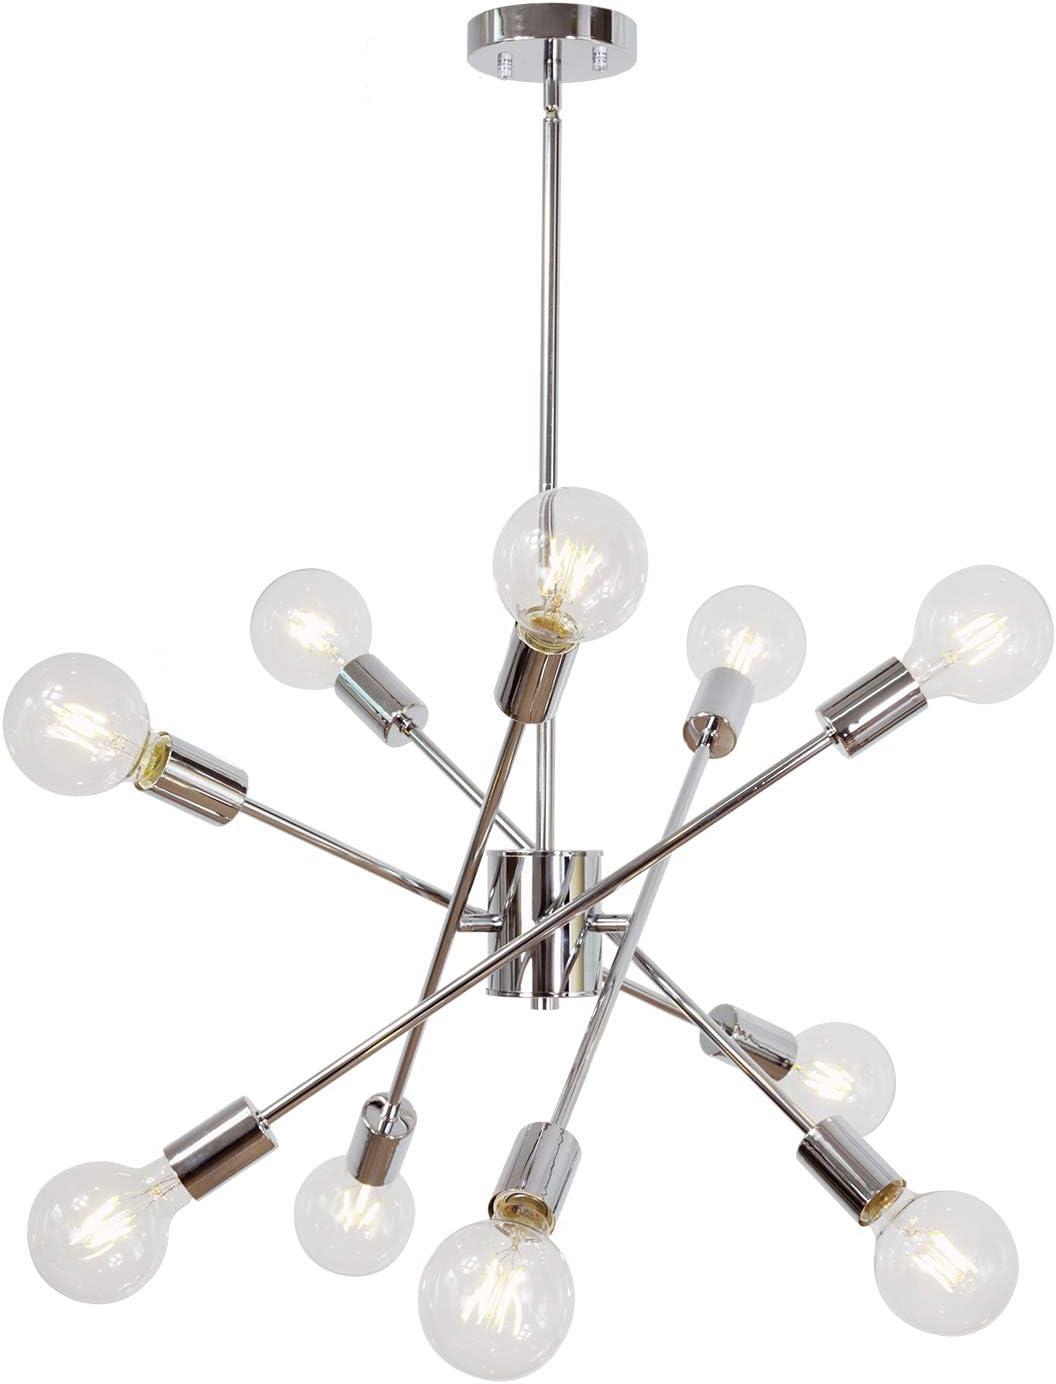 MELUCEE Large Chandelier Lighting Sputnik Flush Mount 10 Lights Chrome, Modern Pendant Light Fixtures Ceiling Hanging for Dining Room Bedroom Living Room Kitchen